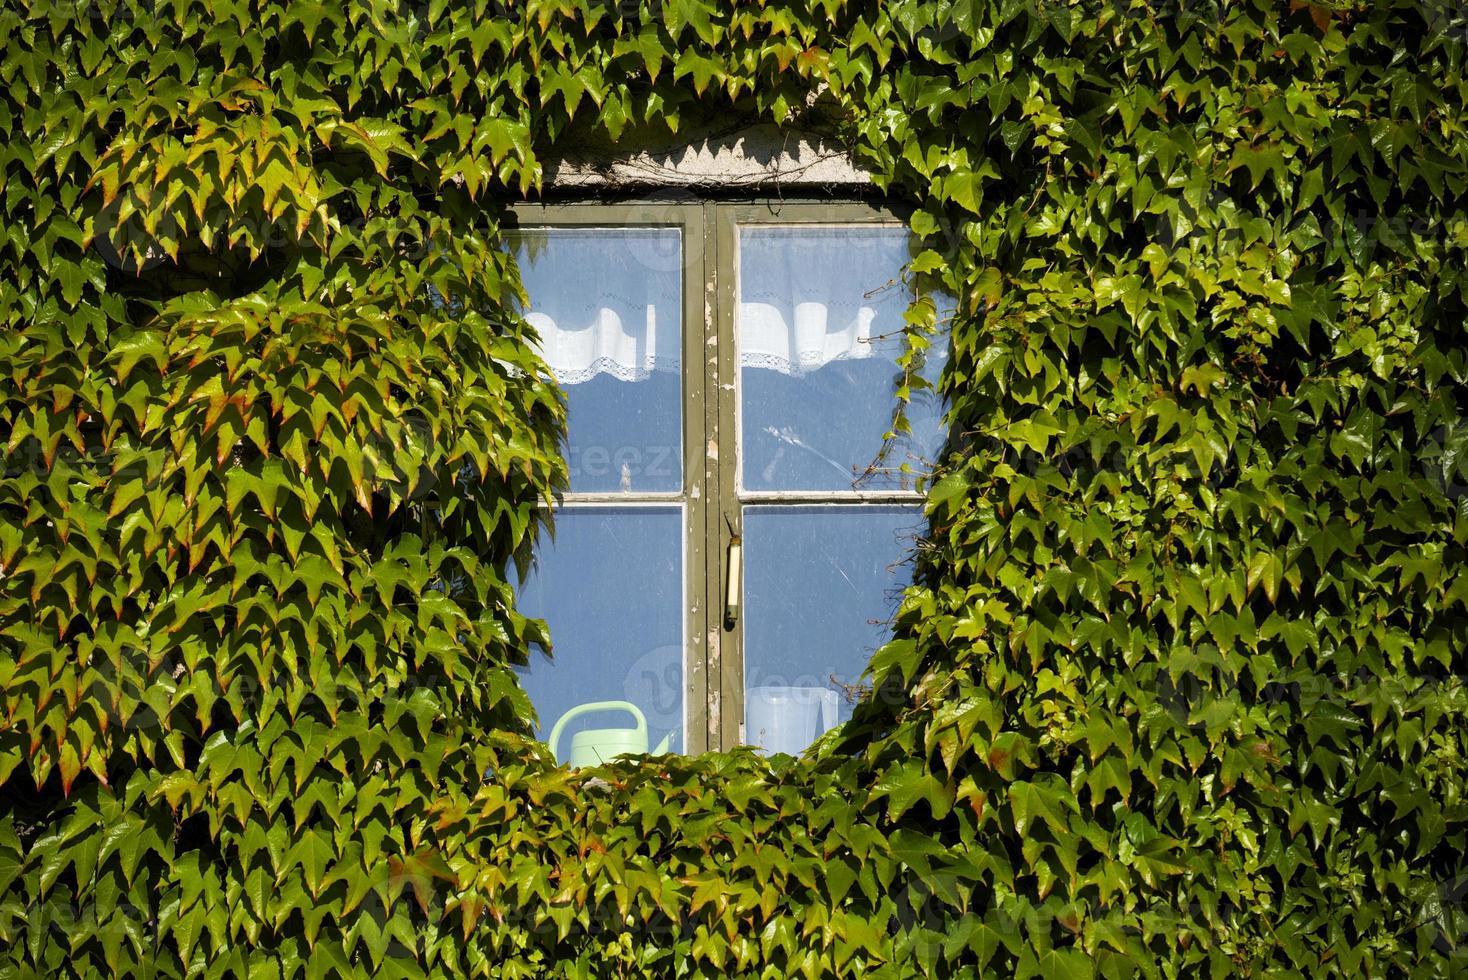 Efeu bedeckte Wand und Fenster foto